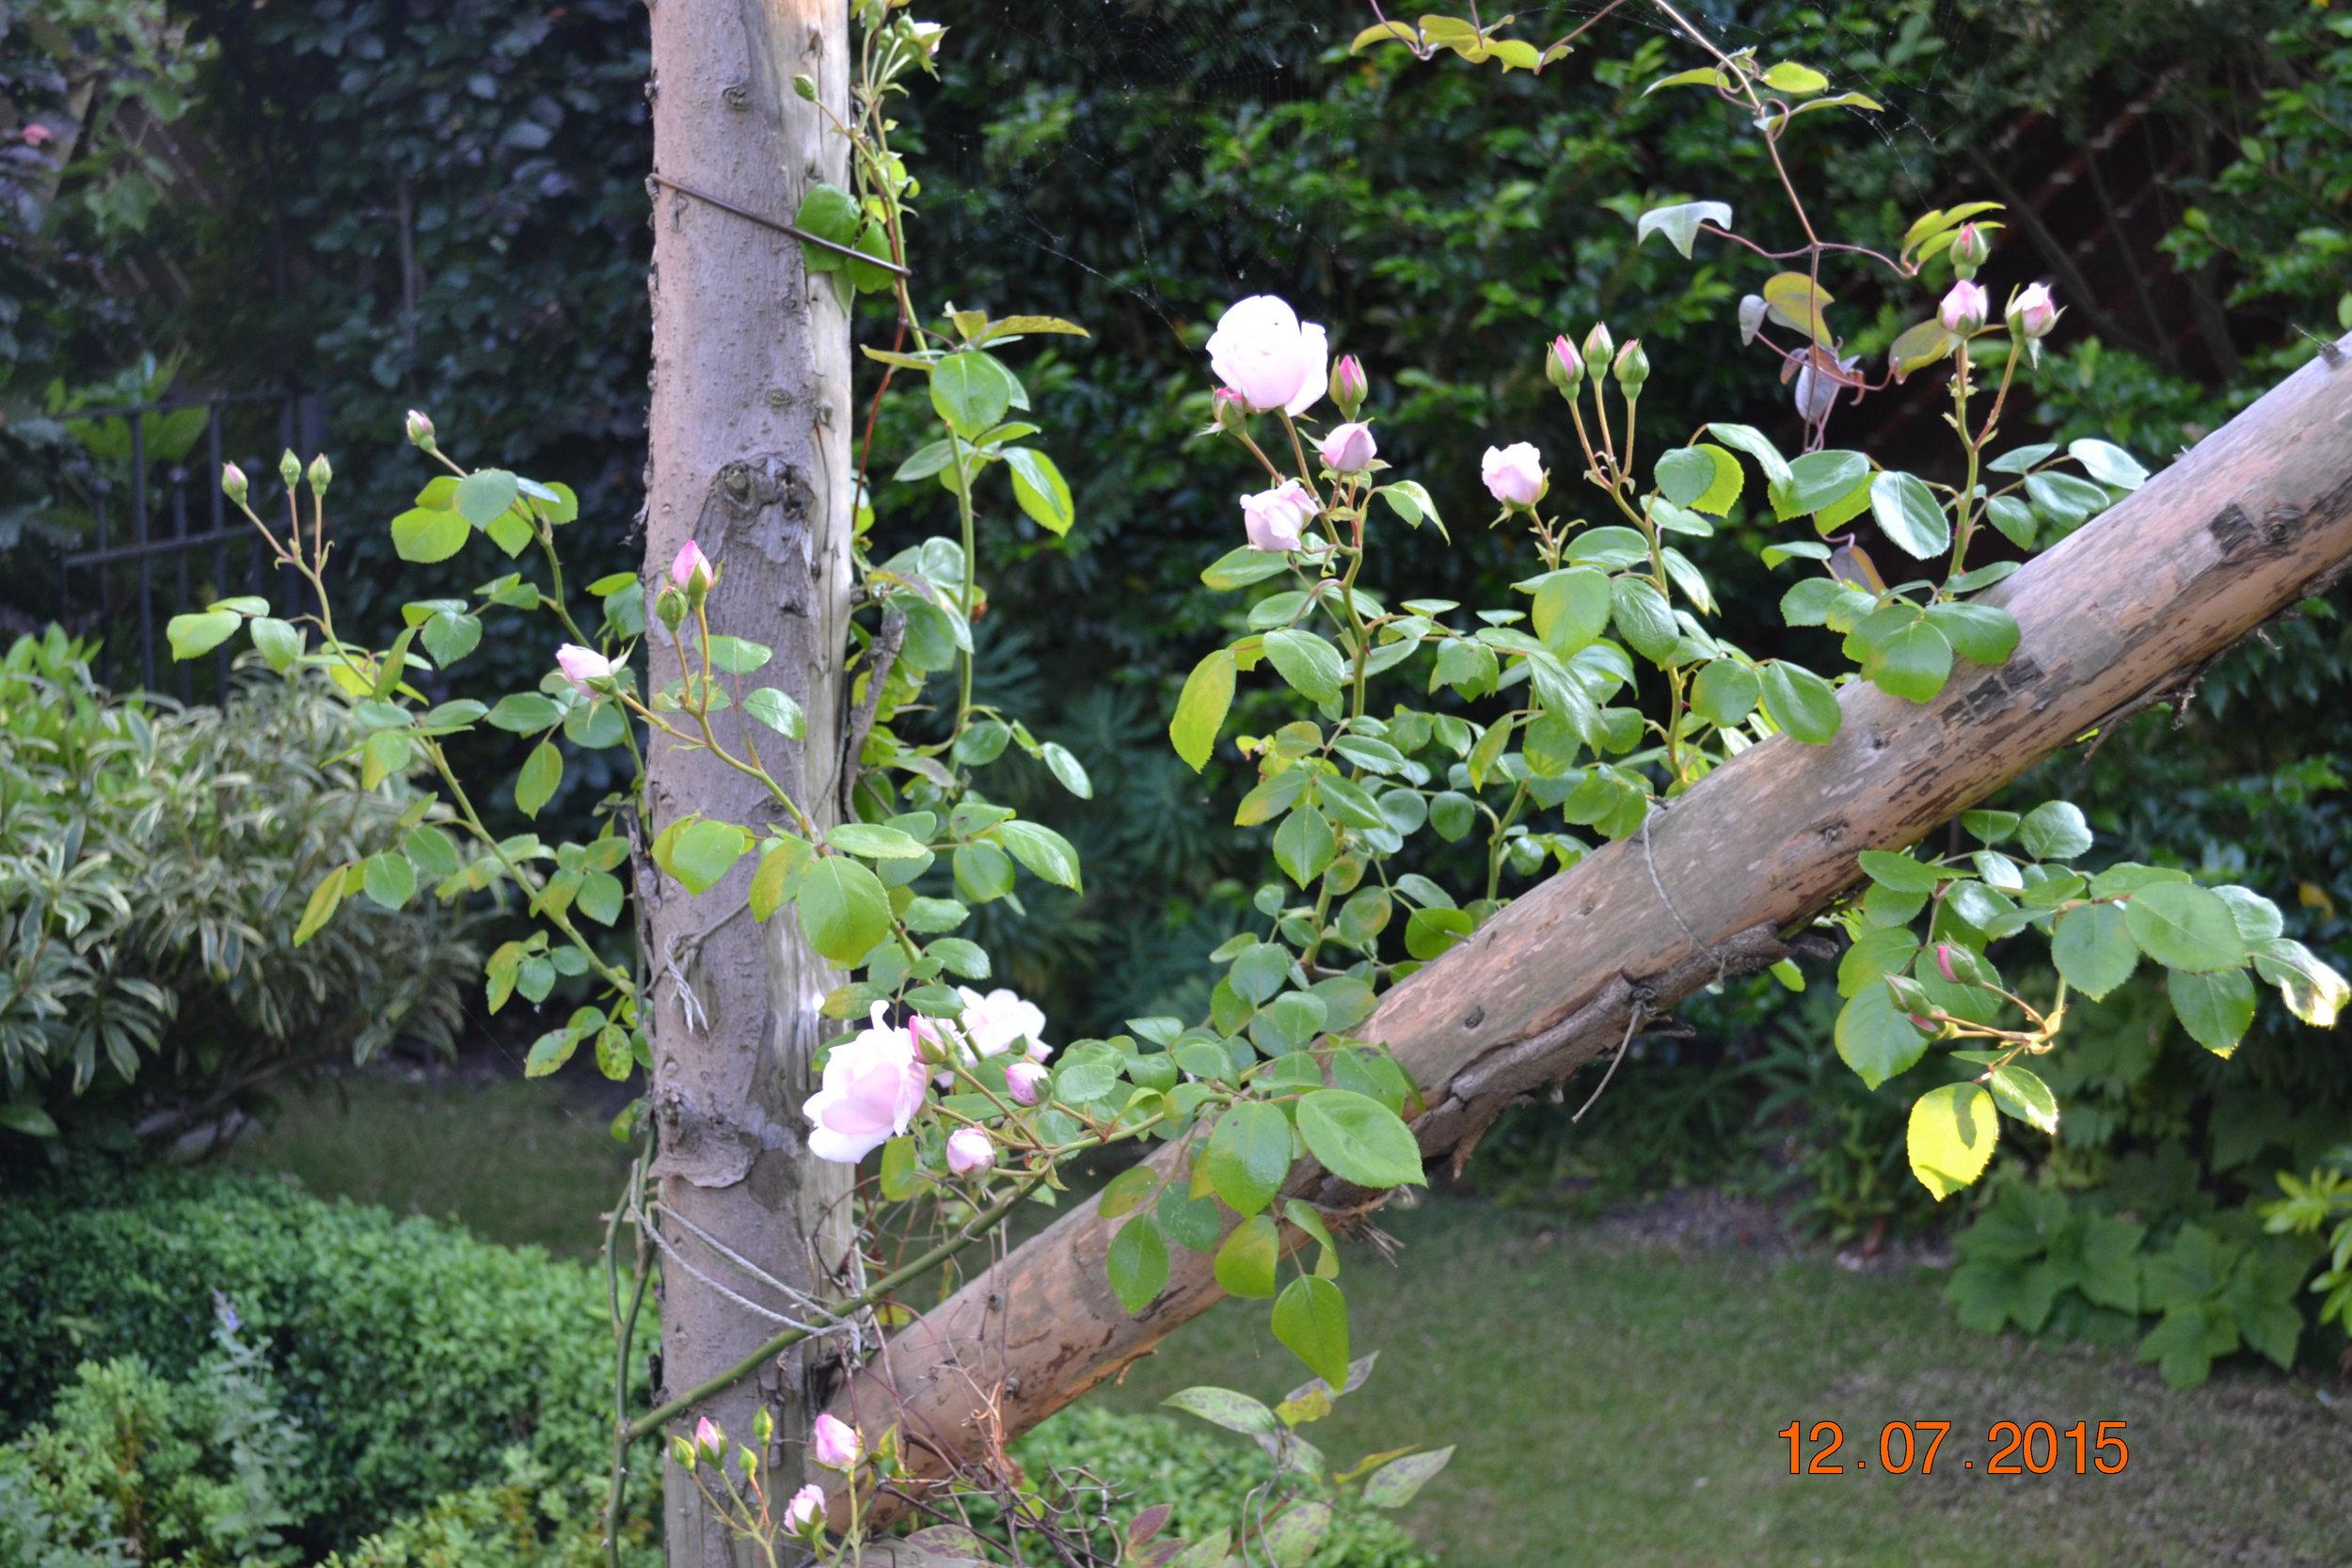 Wales 2015 garden summer flower arranging at home 042.JPG